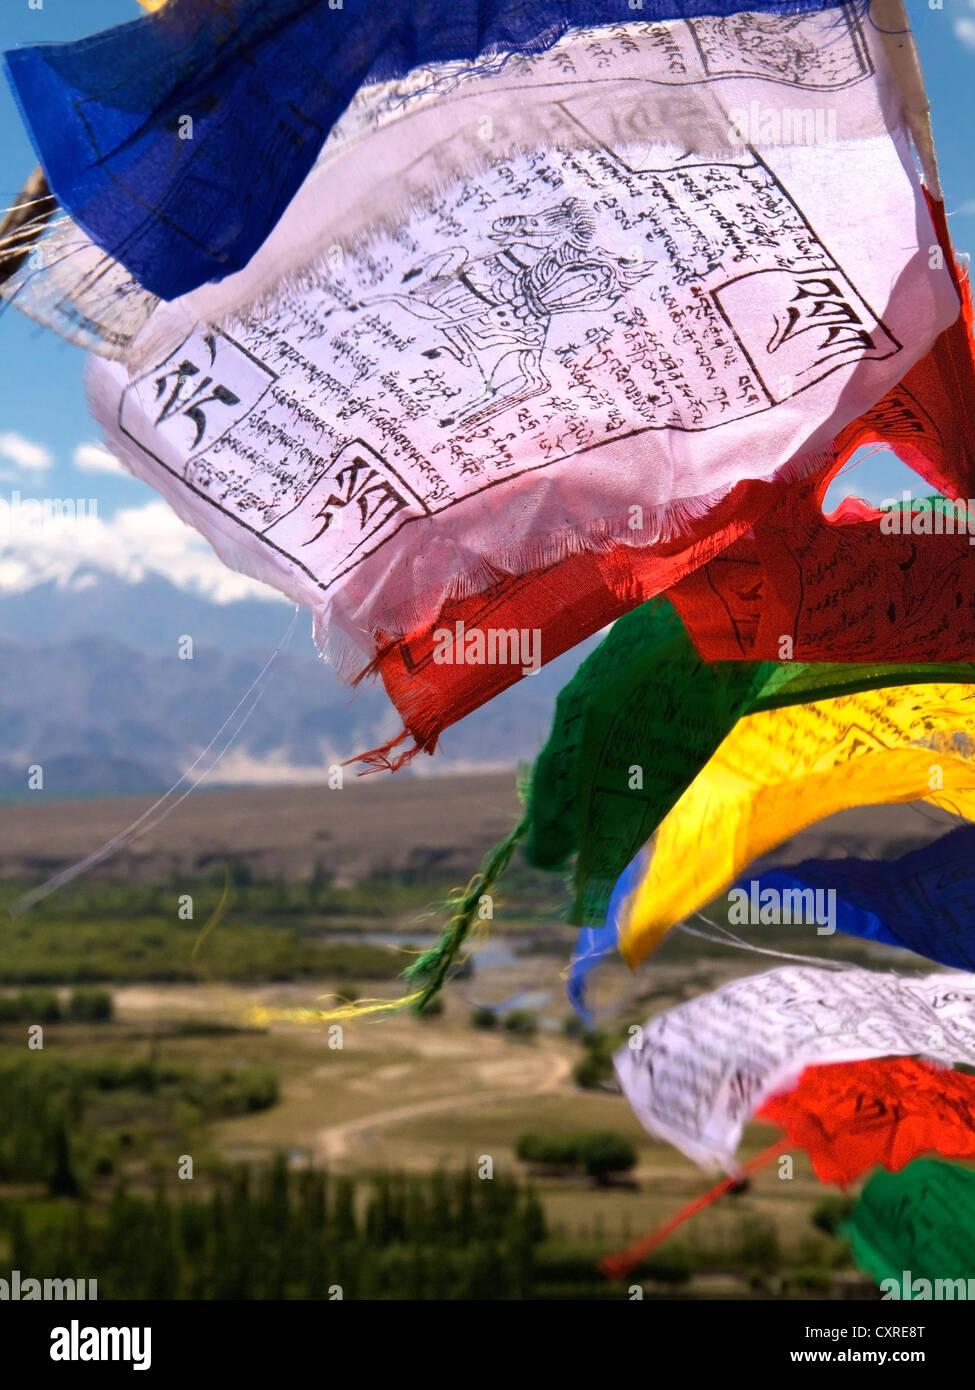 La oración budista banderas ondeando al viento, Ladakh, en el norte de la India, India, Asia Imagen De Stock